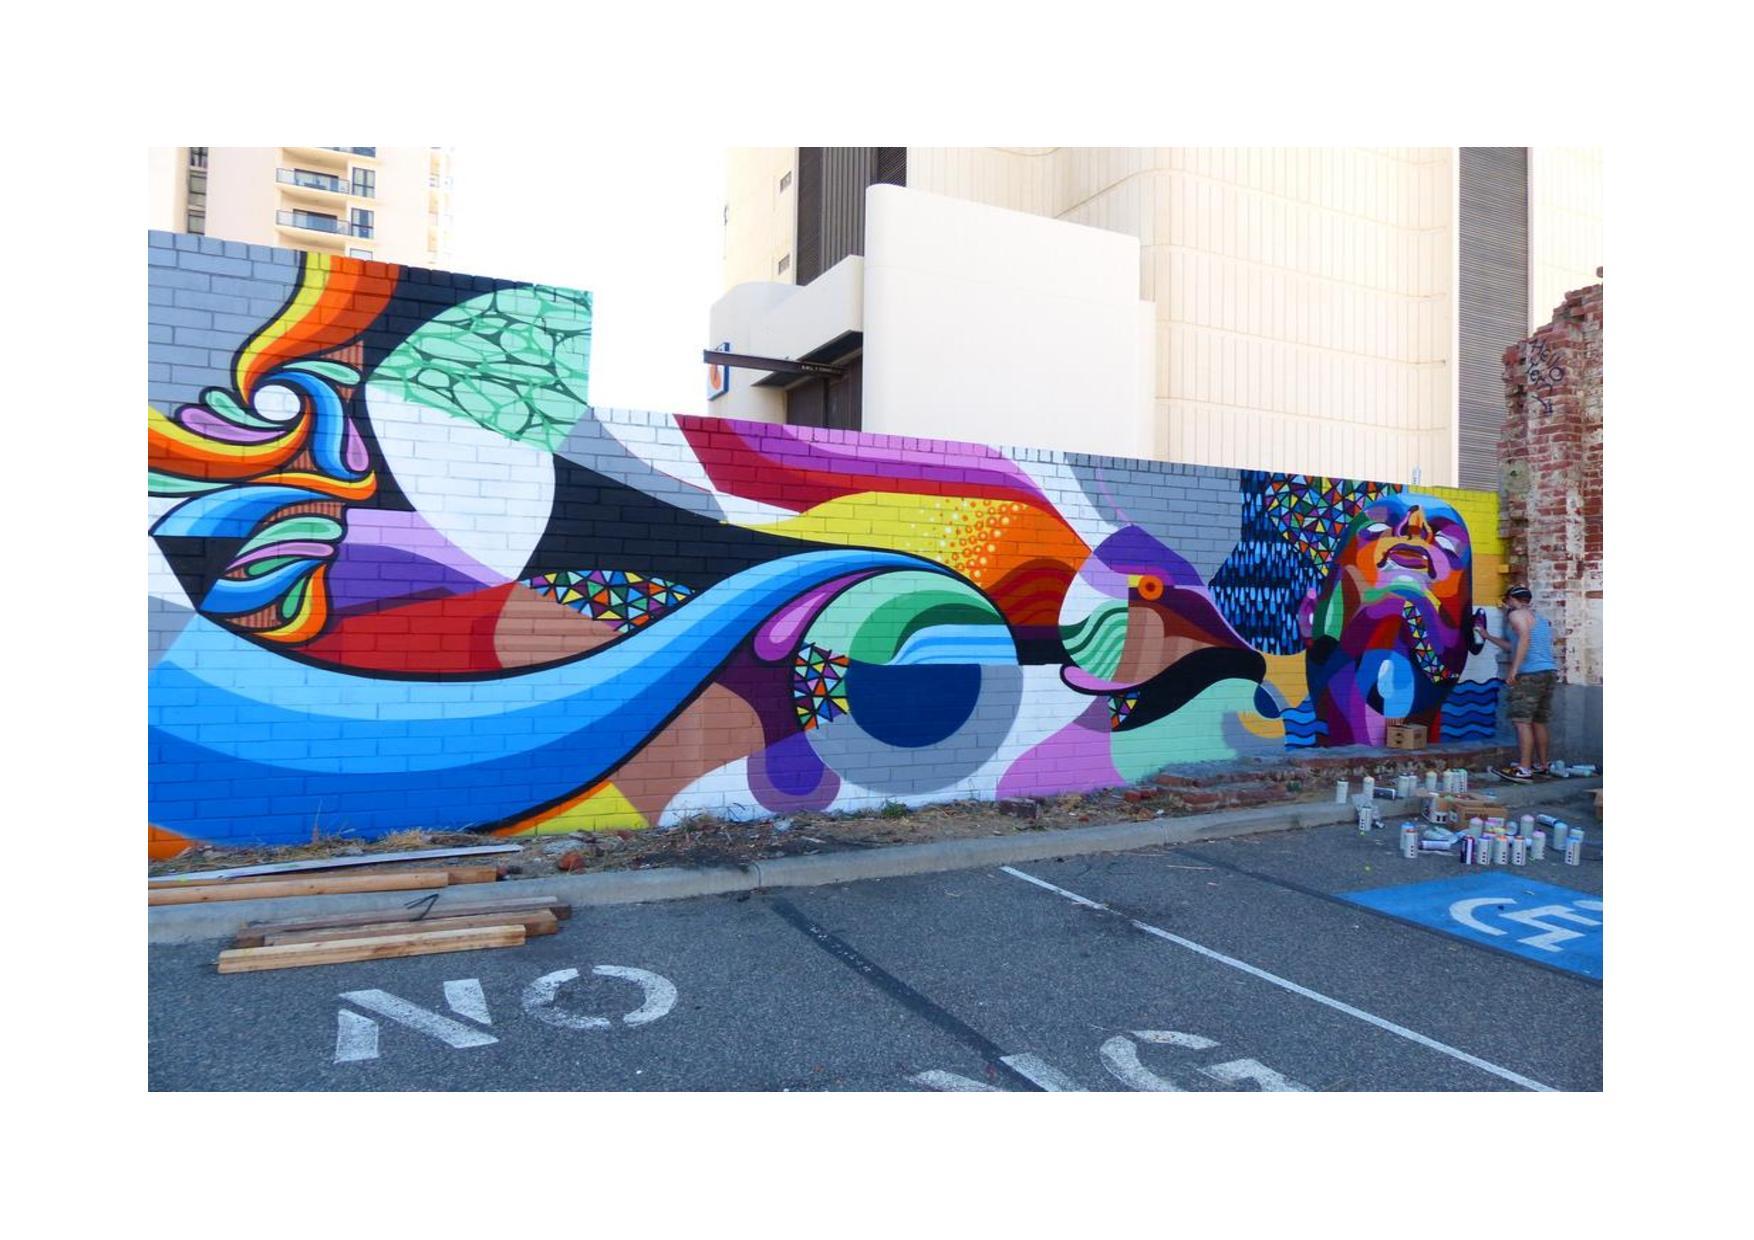 Peindre Une Fresque Sur Un Mur peindre les murs aux couleurs de nos émotions - trousse à